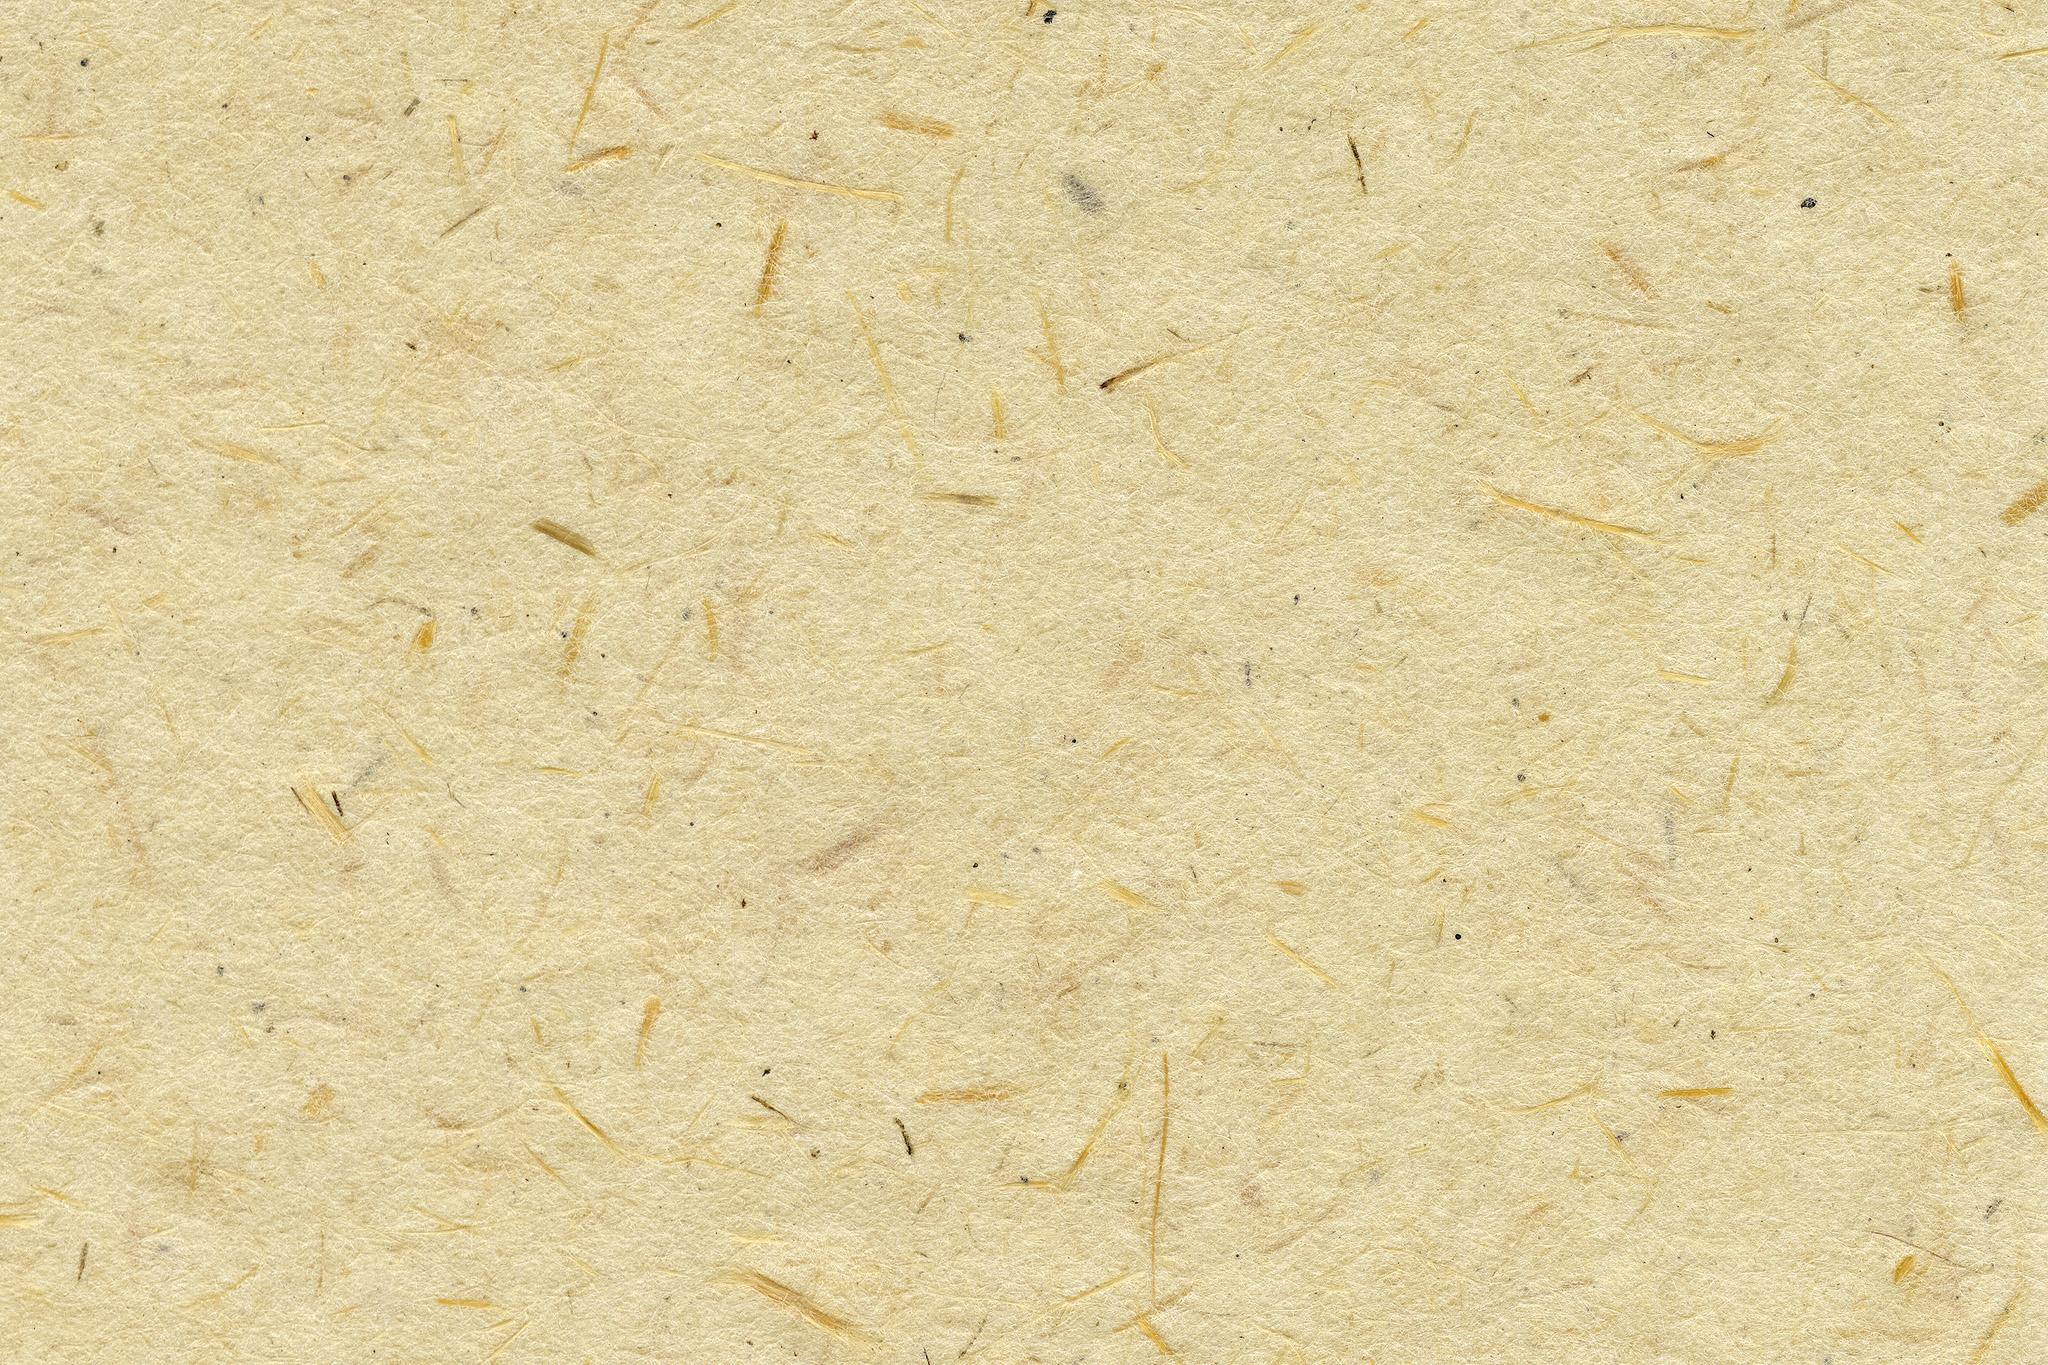 「繊維の入った生成り色の和紙」の画像を無料ダウンロード